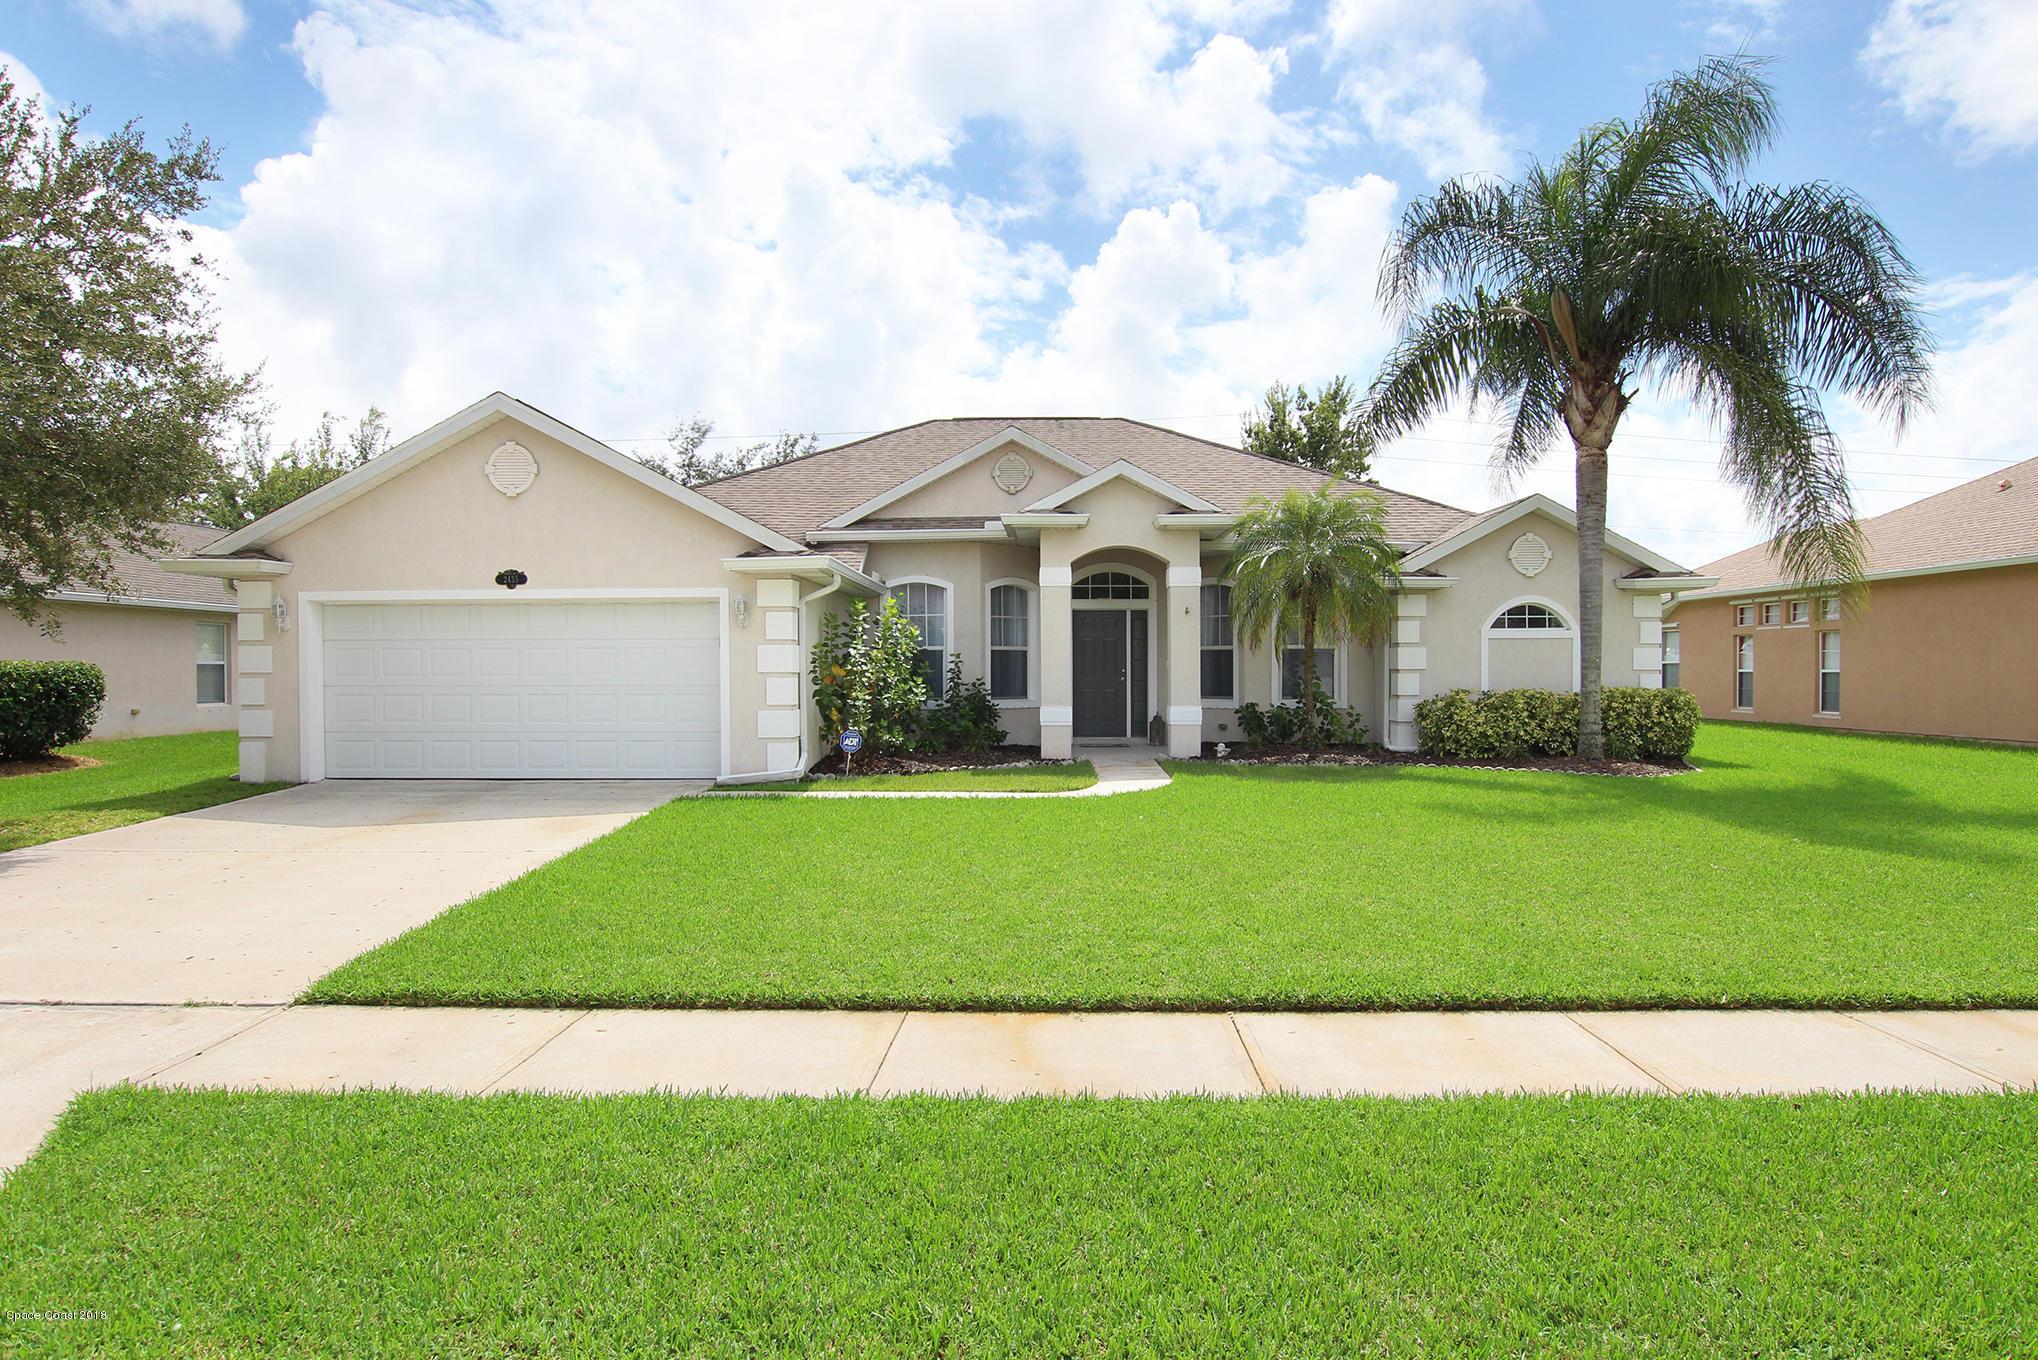 獨棟家庭住宅 為 出售 在 2435 Tuscarora 2435 Tuscarora West Melbourne, 佛羅里達州 32904 美國